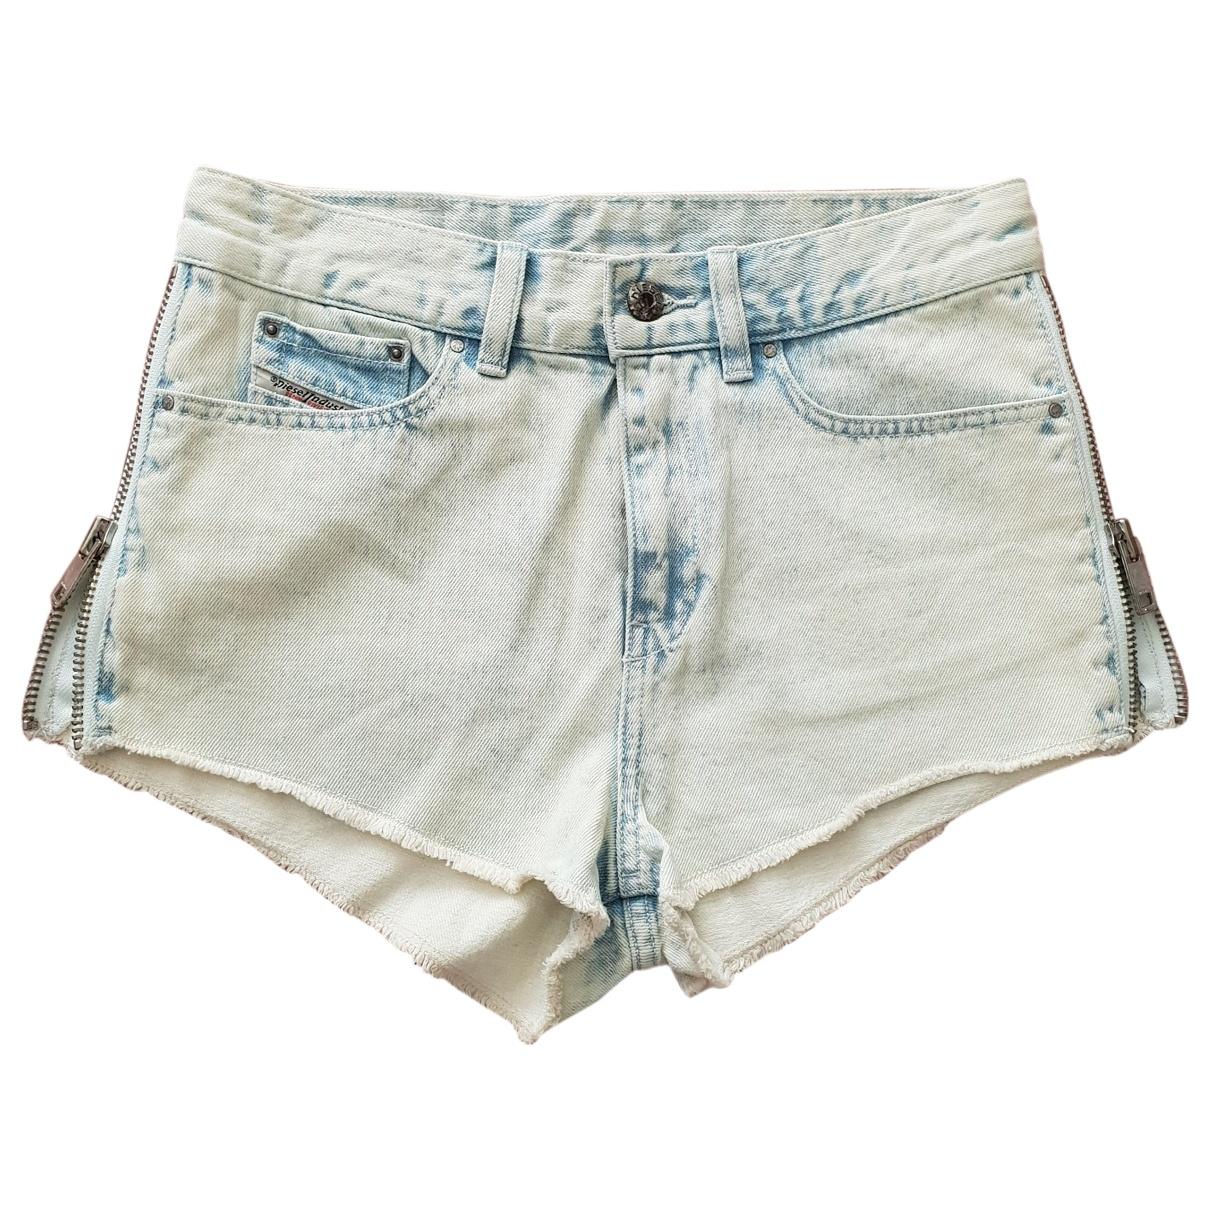 Diesel \N Blue Cotton Trousers for Women XS International